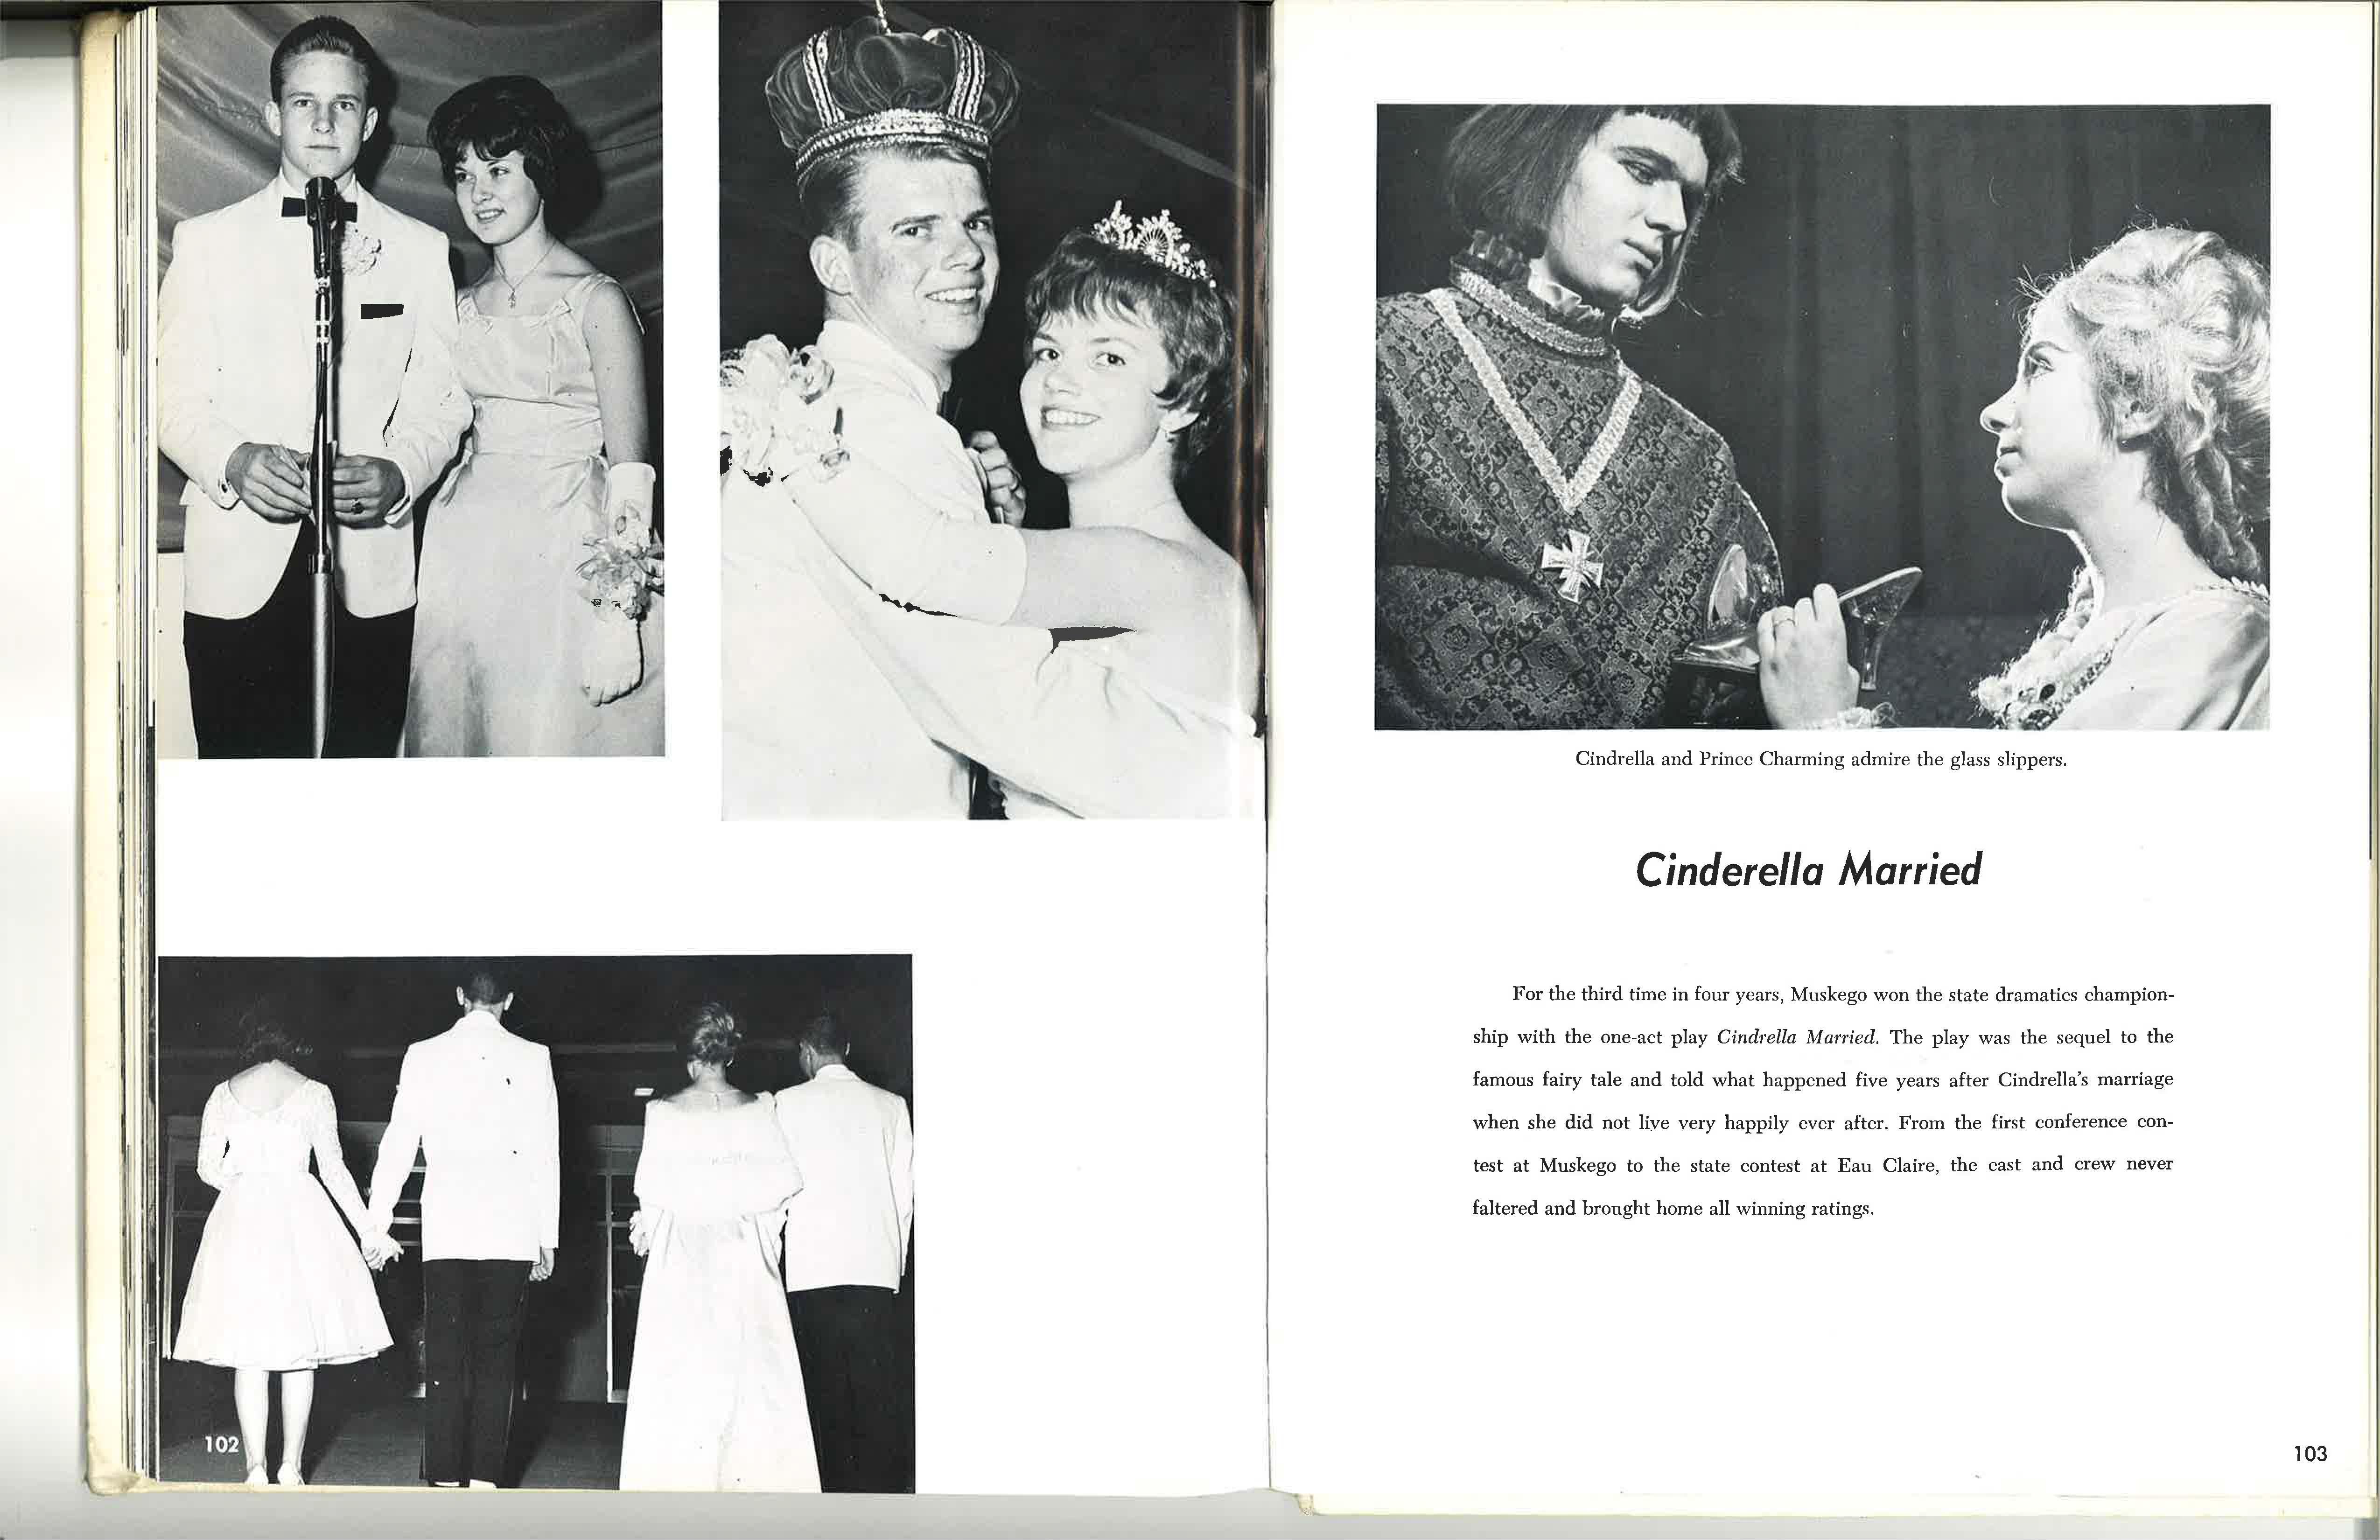 1964_Yearbook_Activities_102-103.jpg